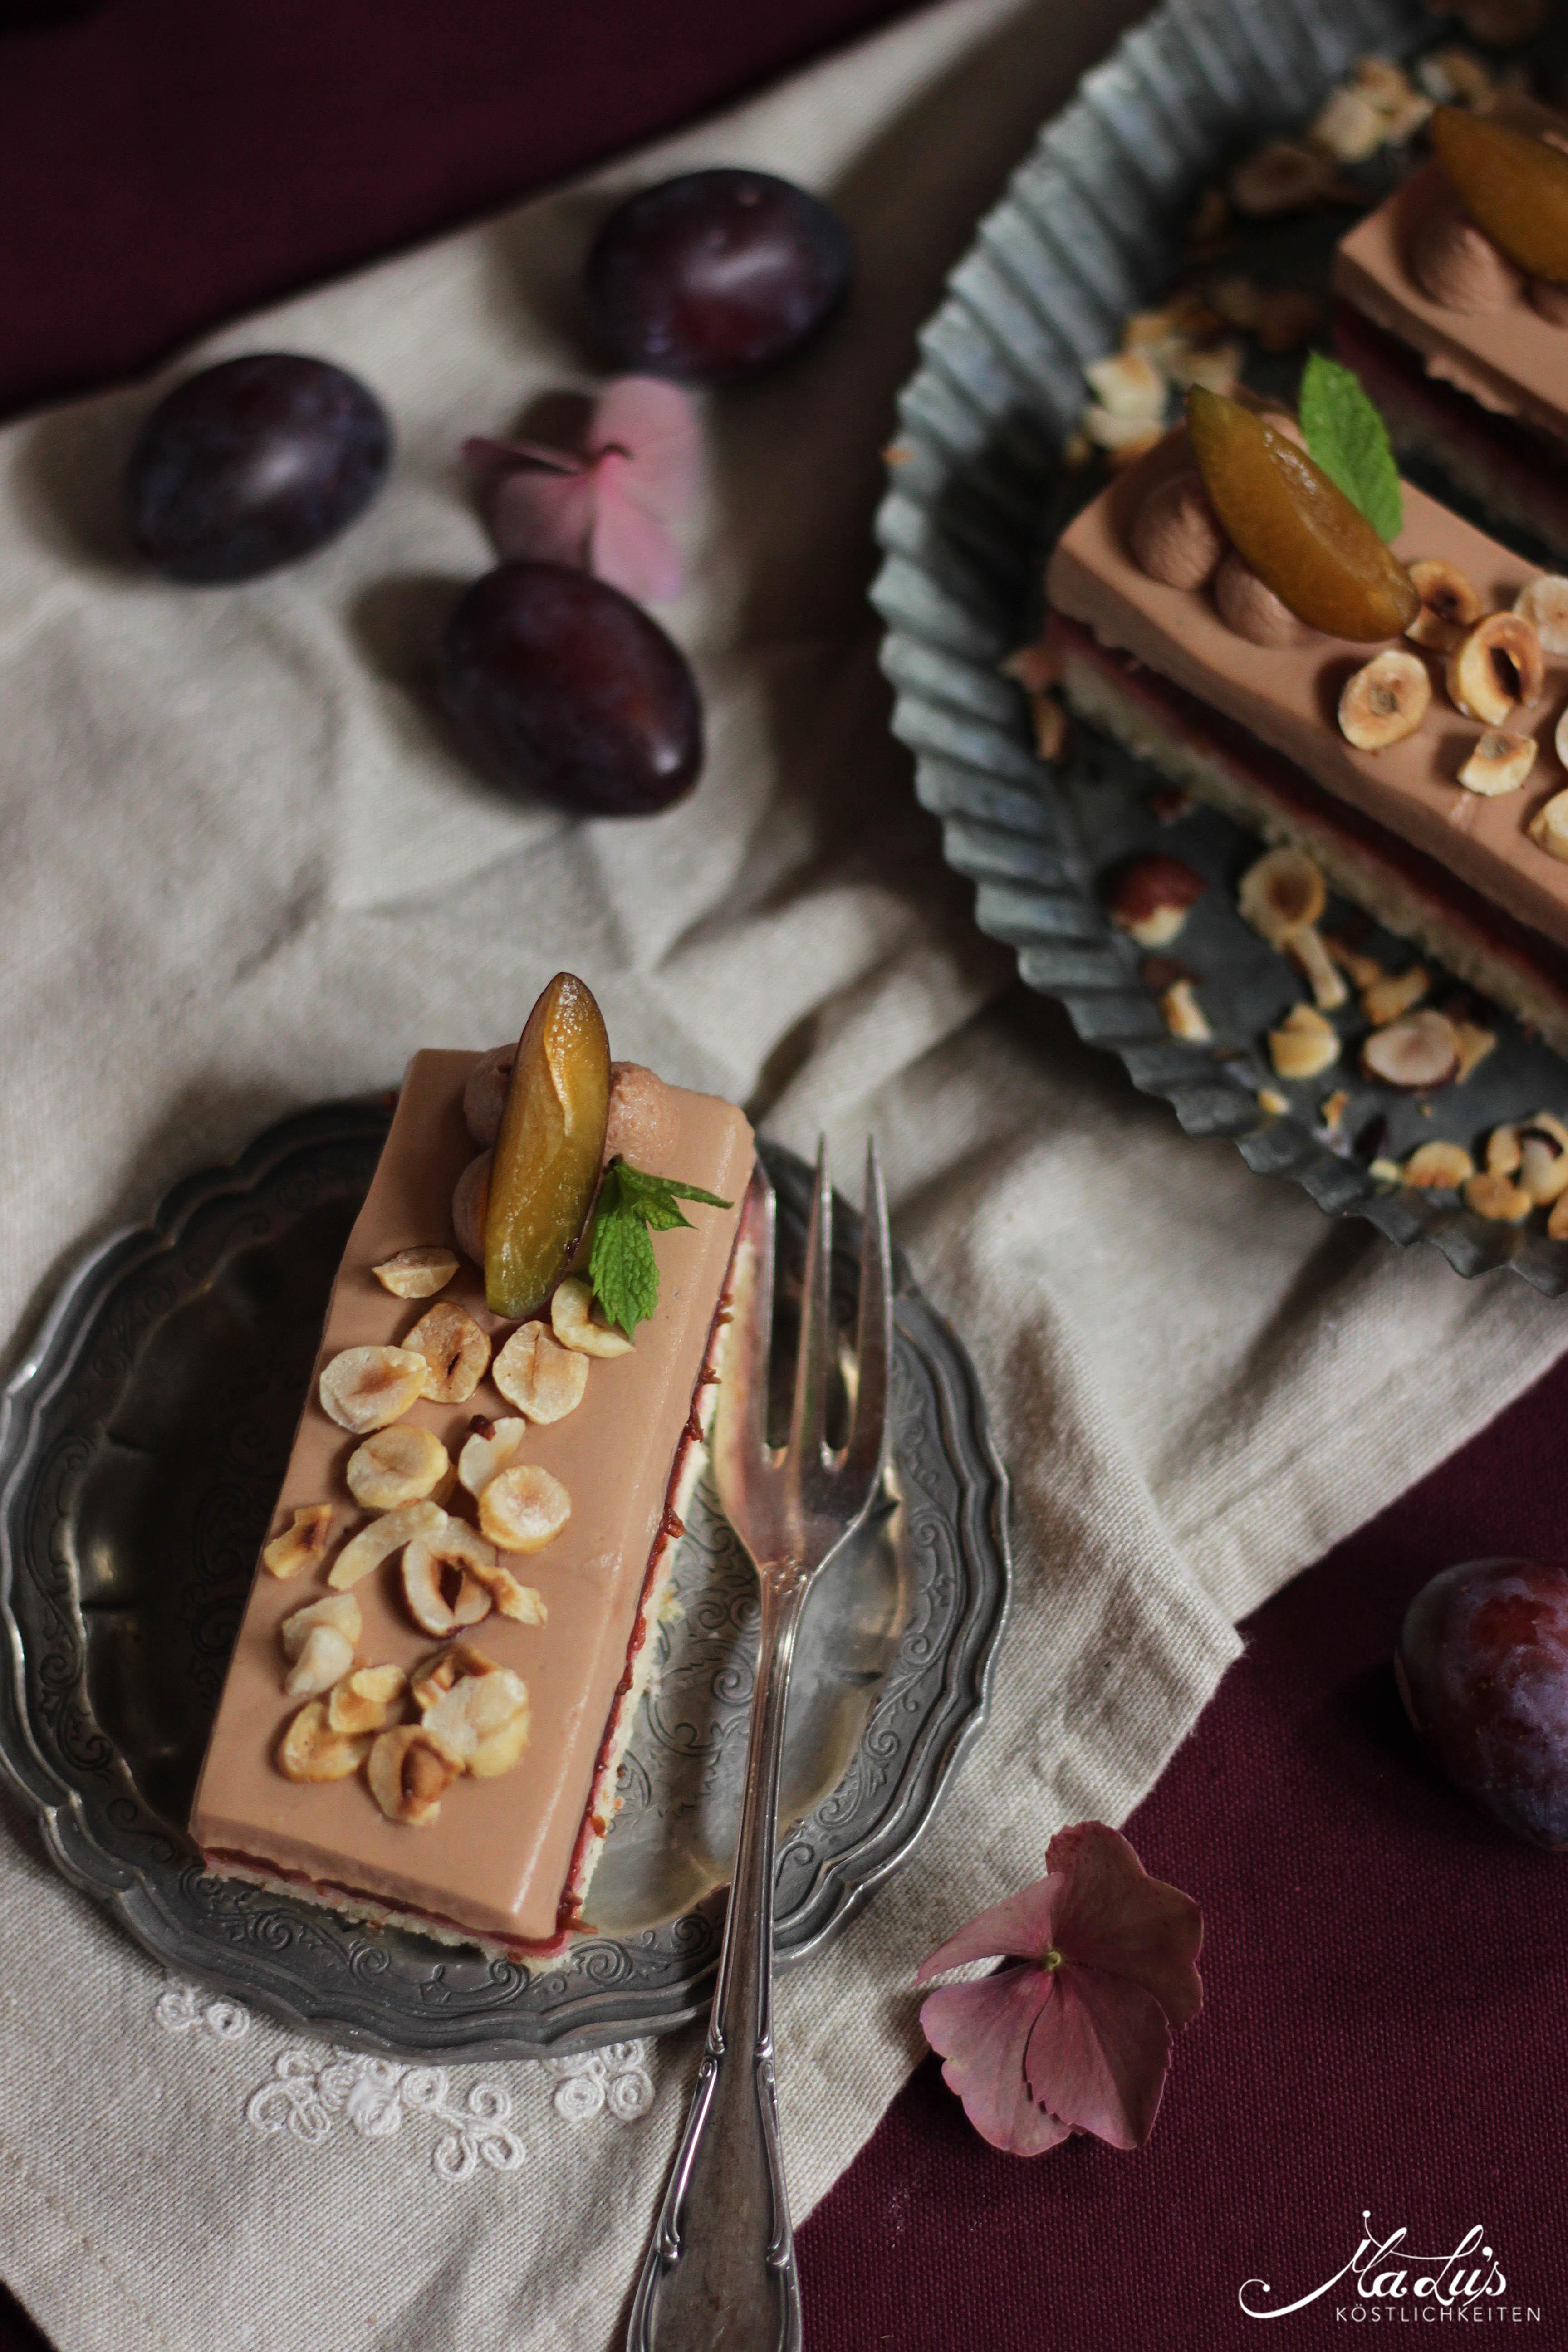 Diese wunderschönen Pflaumenschnitten kommen von meiner Mitstreiterin MaLu's Köstlichkeiten. Sie sind eine wahre AUgenweide!